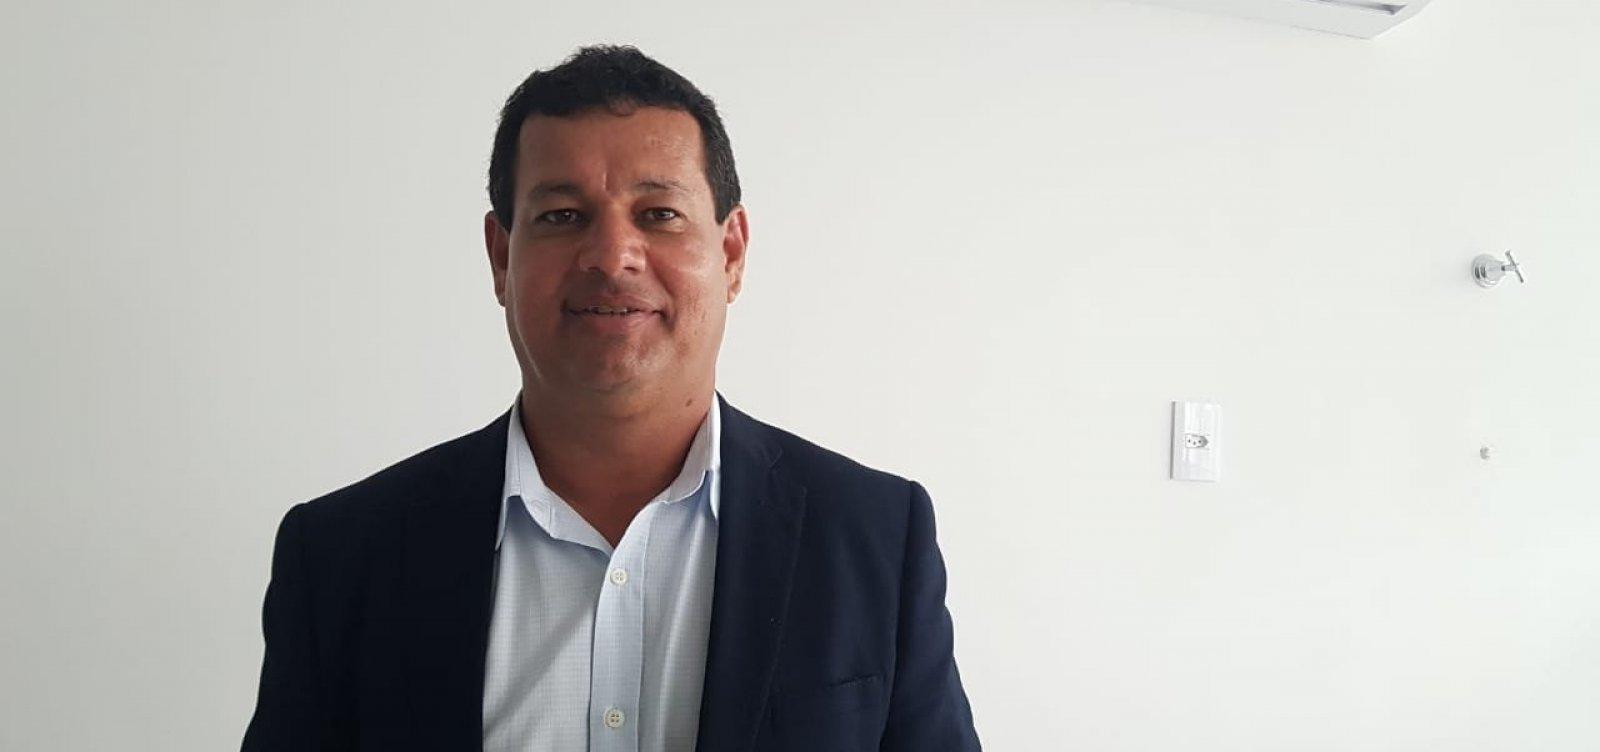 [Prefeito de Santa Brígida diz que policlínica em Paulo Afonso gera redução de despesas]